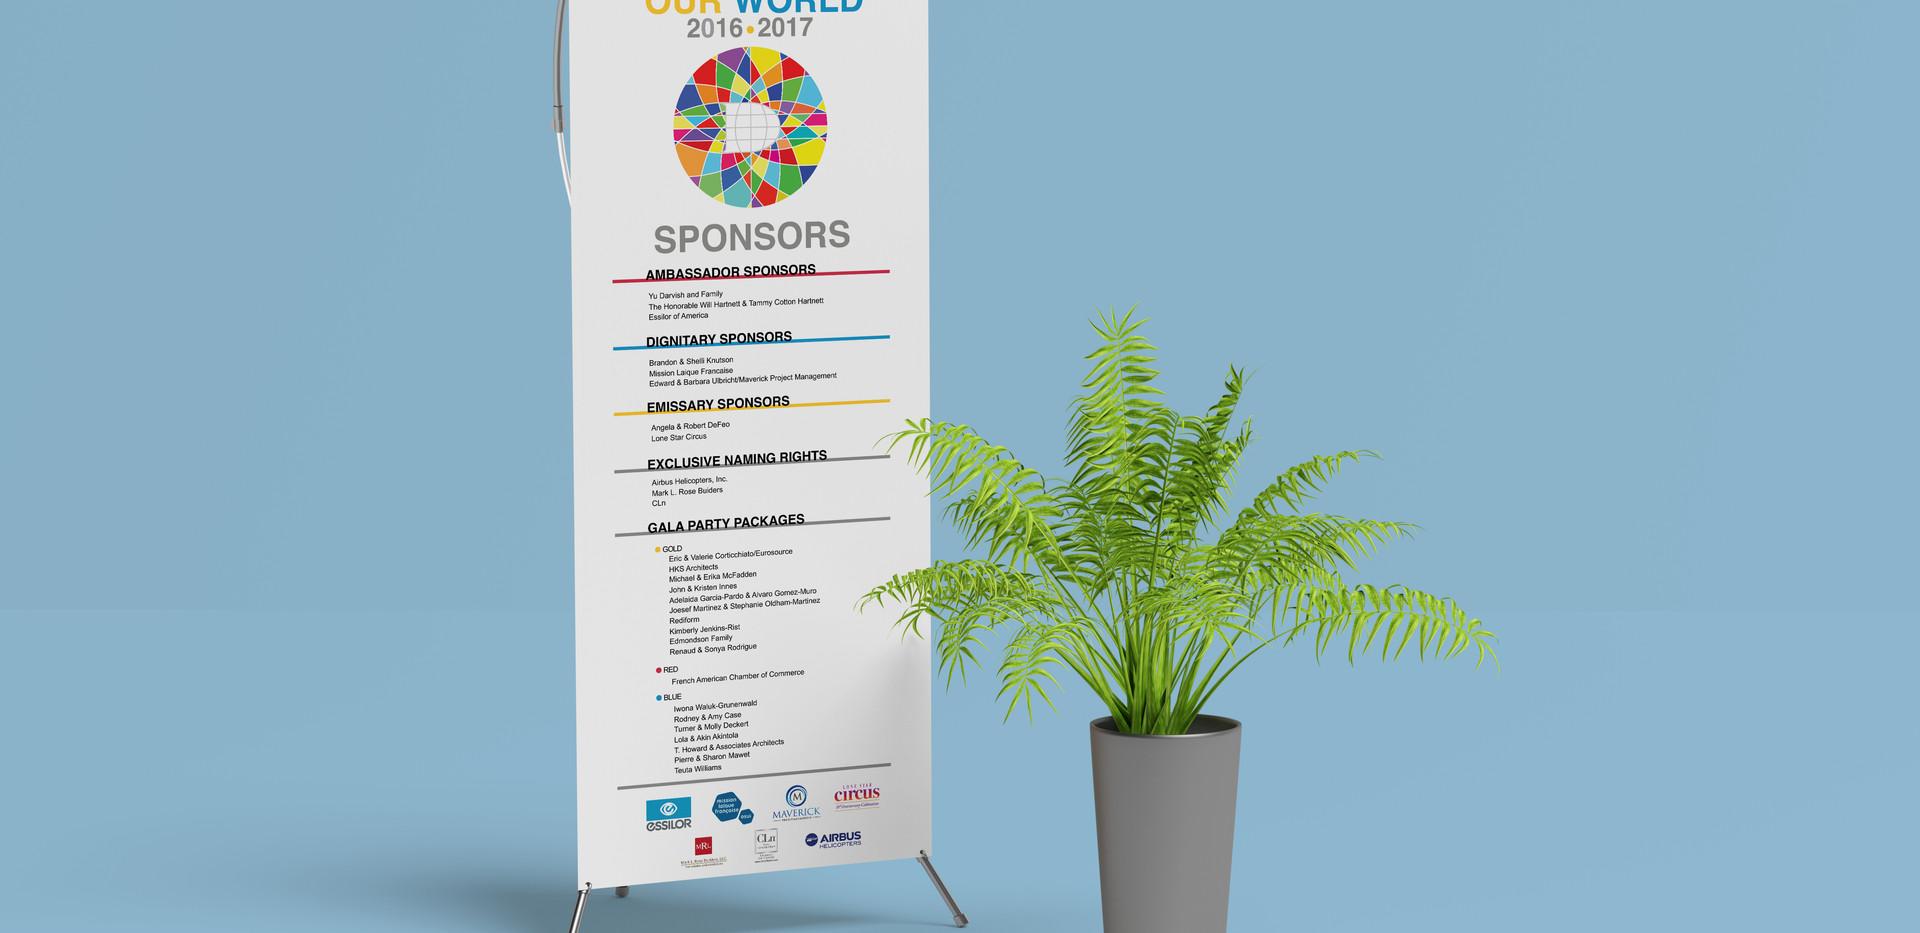 Event sponsors banner